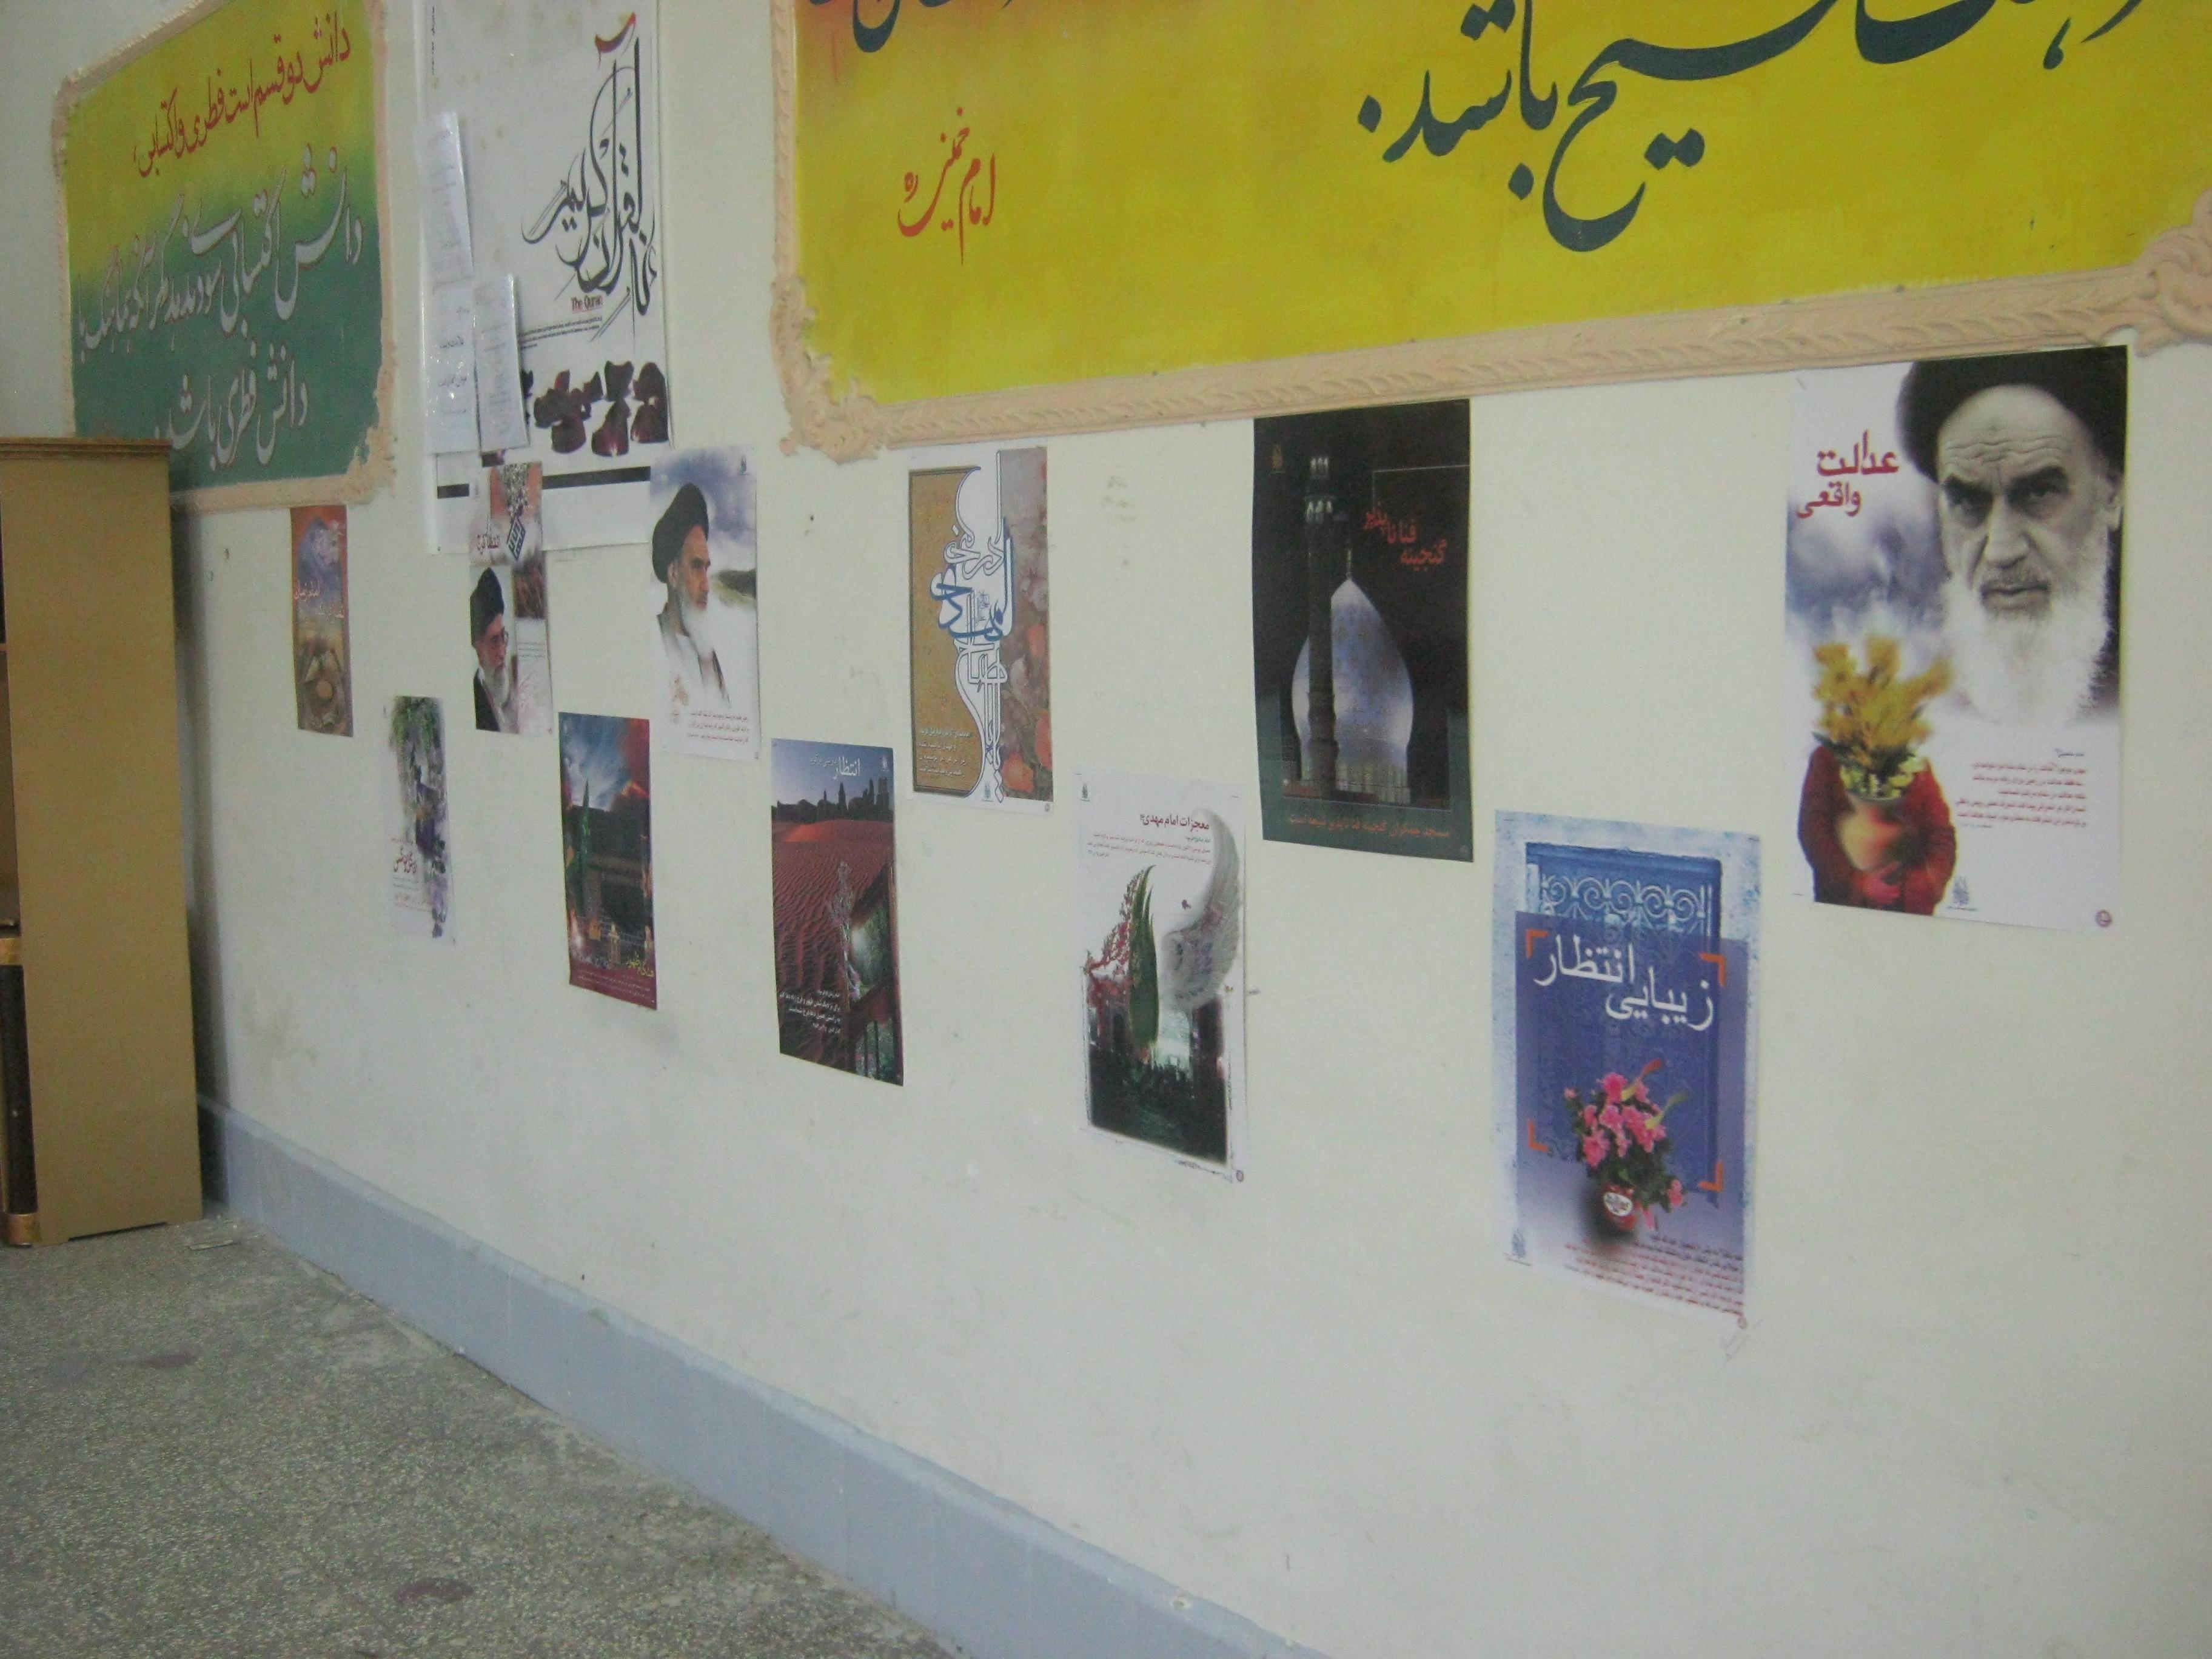 نمایشگاه مهدویت انجمن اسلامی دبیرستان خیام سال 93